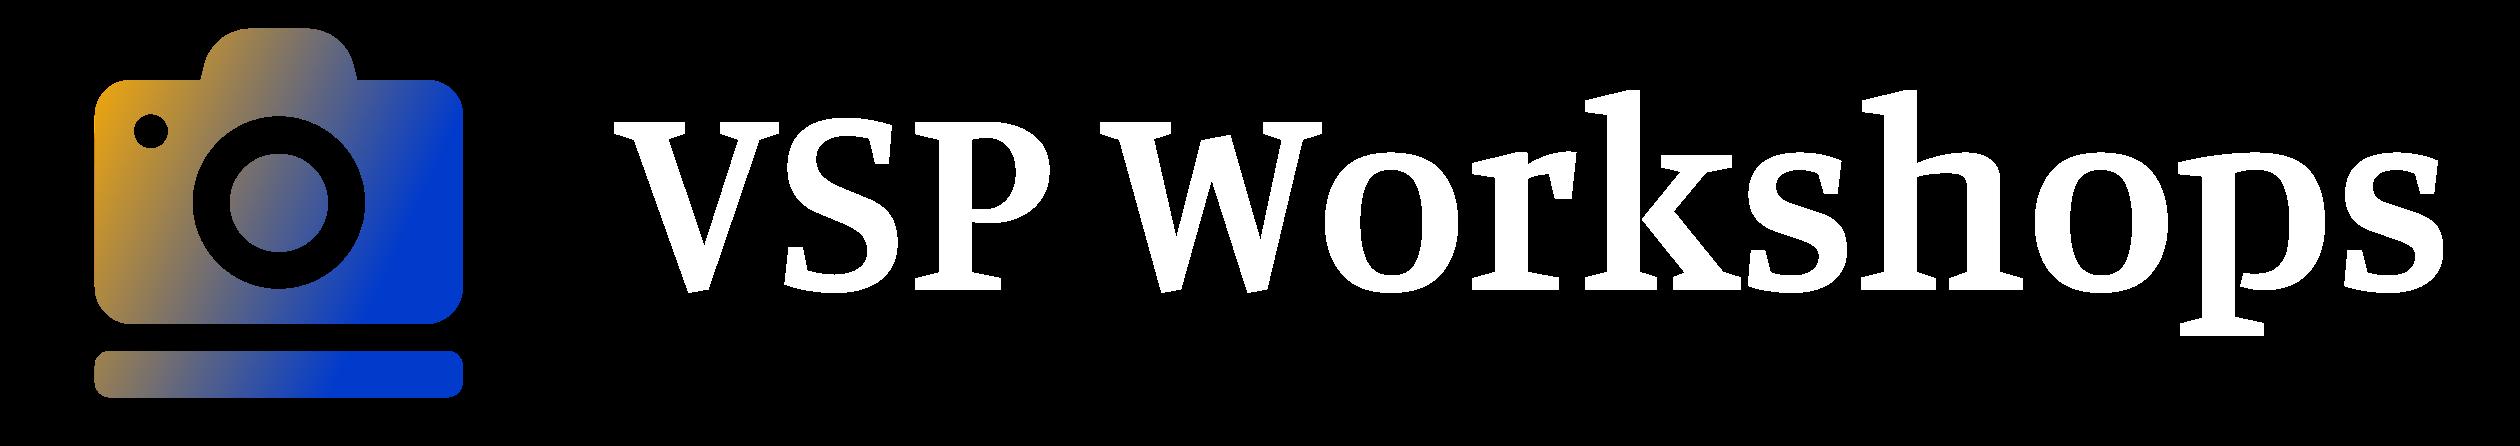 VSP Workshops